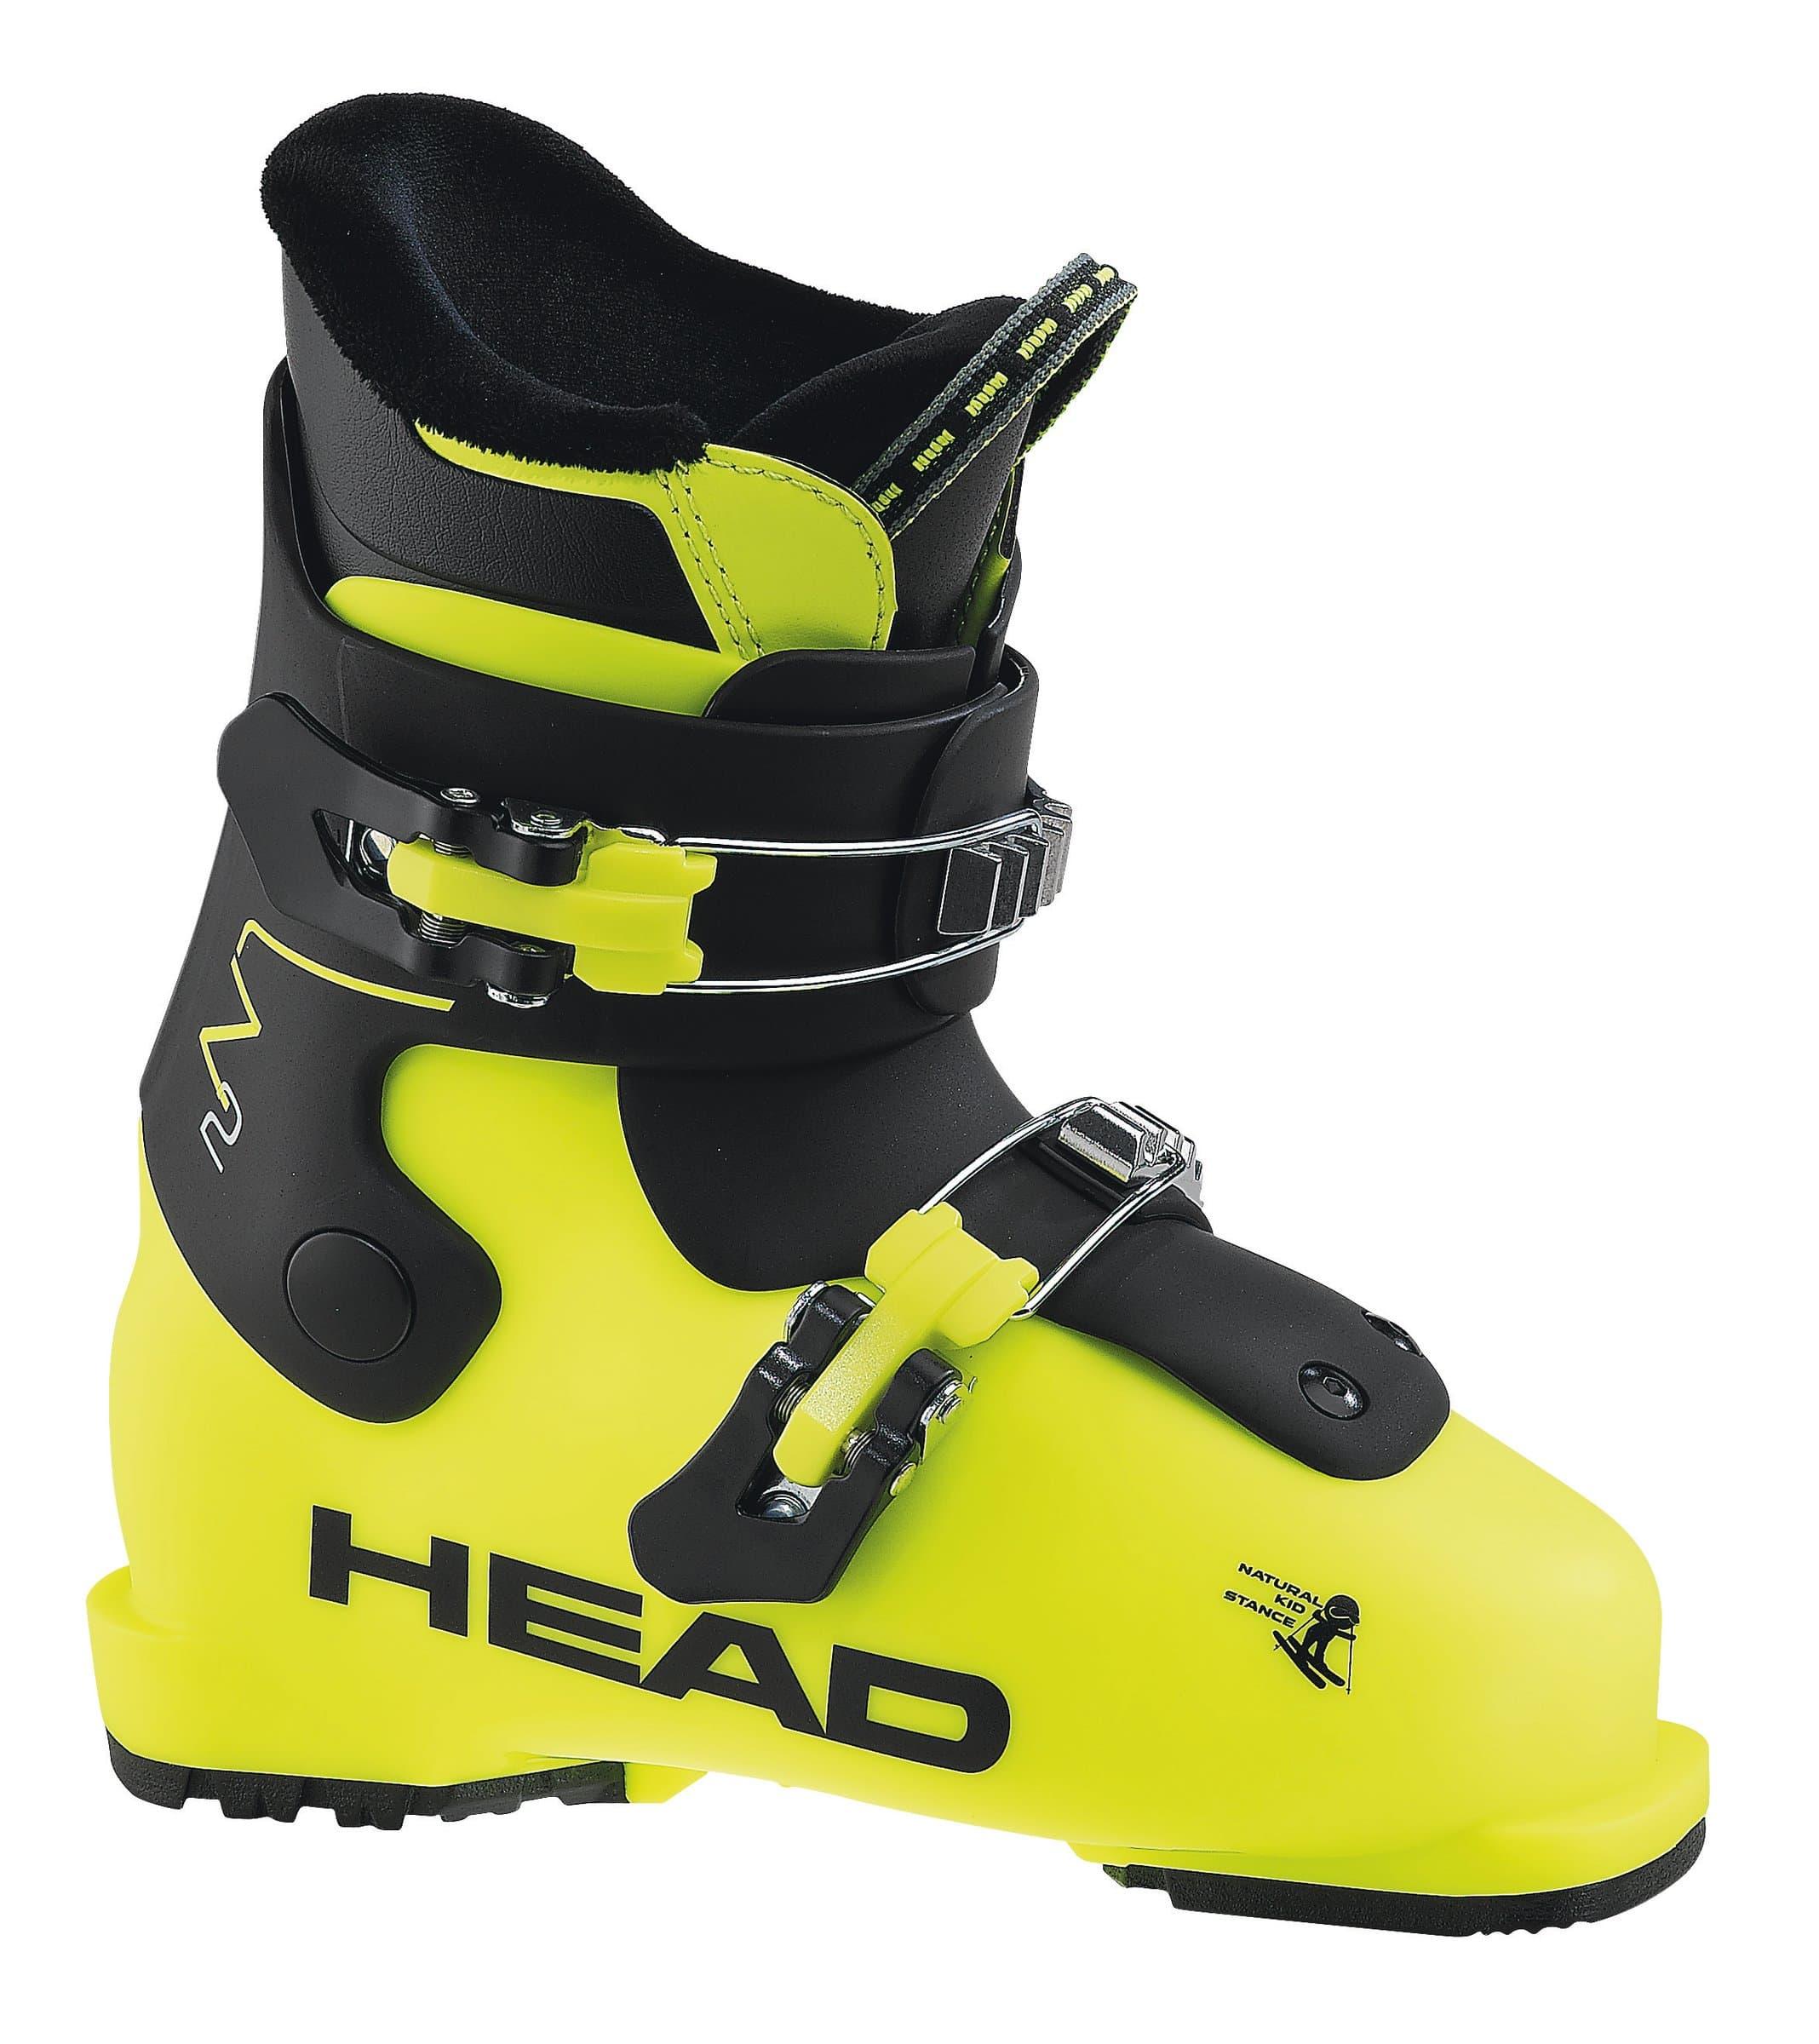 fee26cb3fd6f7 Head Z 2 Chaussure de ski pour enfant